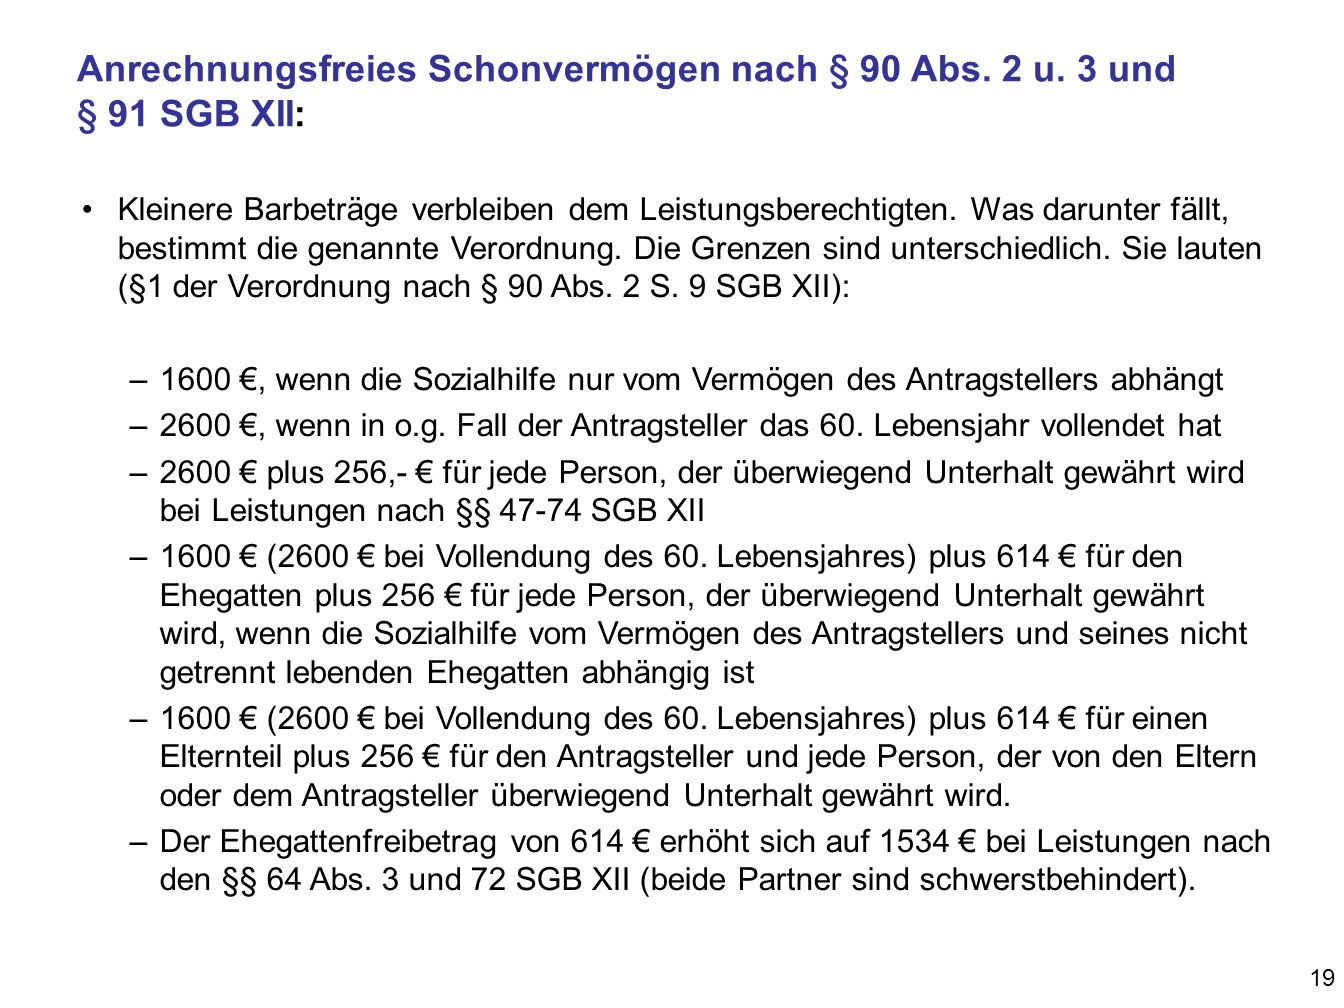 Anrechnungsfreies Schonvermögen nach § 90 Abs. 2 u. 3 und § 91 SGB XII: